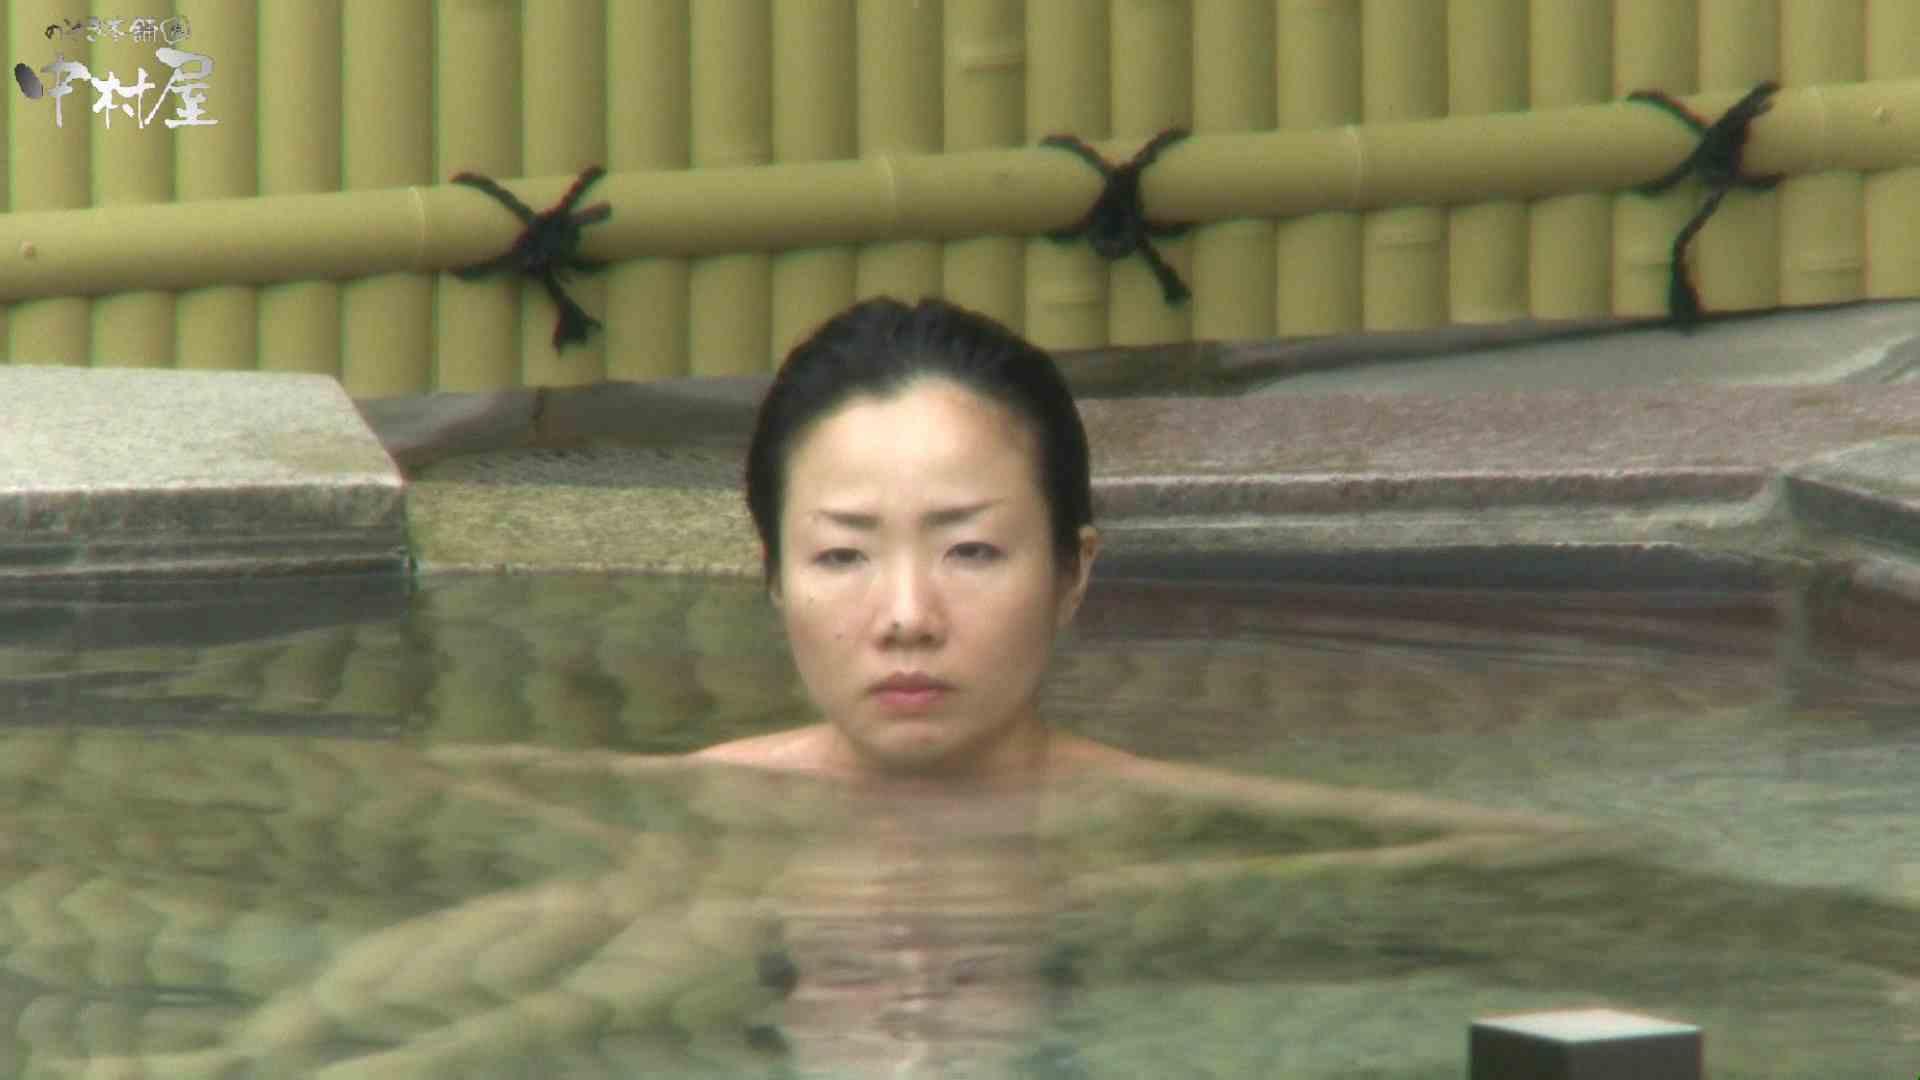 Aquaな露天風呂Vol.950 美しいOLの裸体  75pic 33